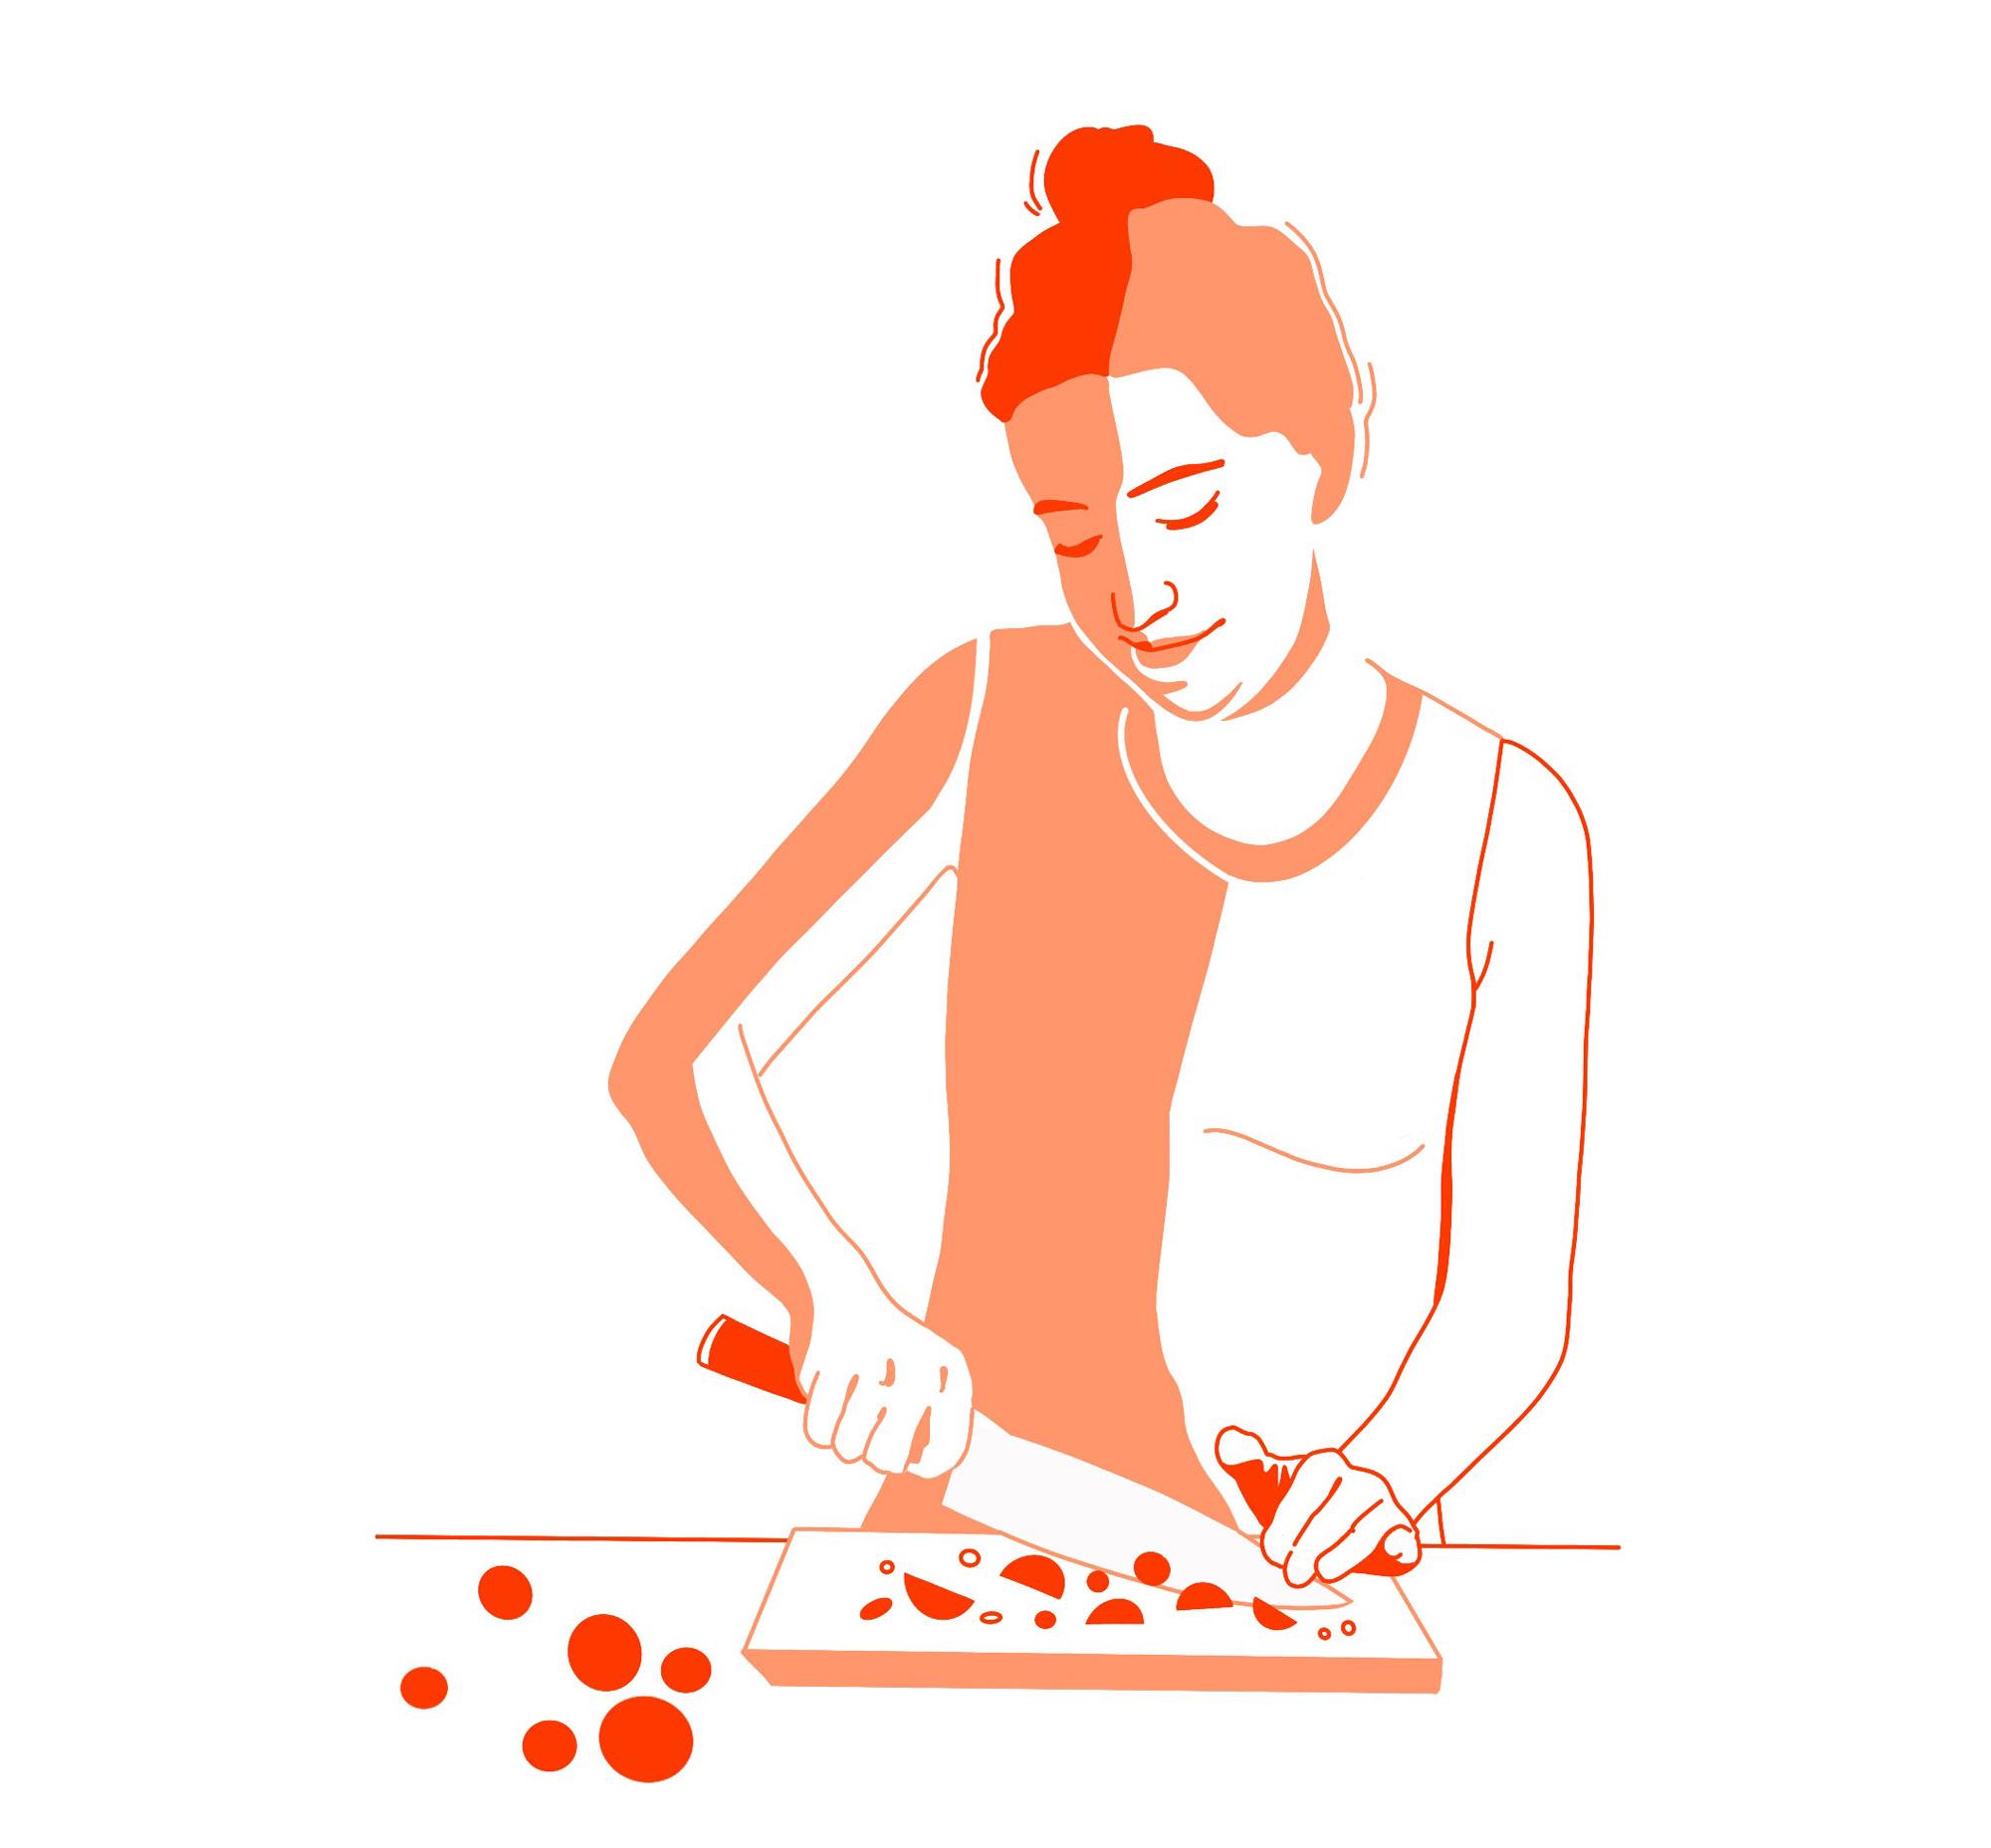 Eine Frau schneidet Gemüse mit einem Messer auf einem Schneidebrett